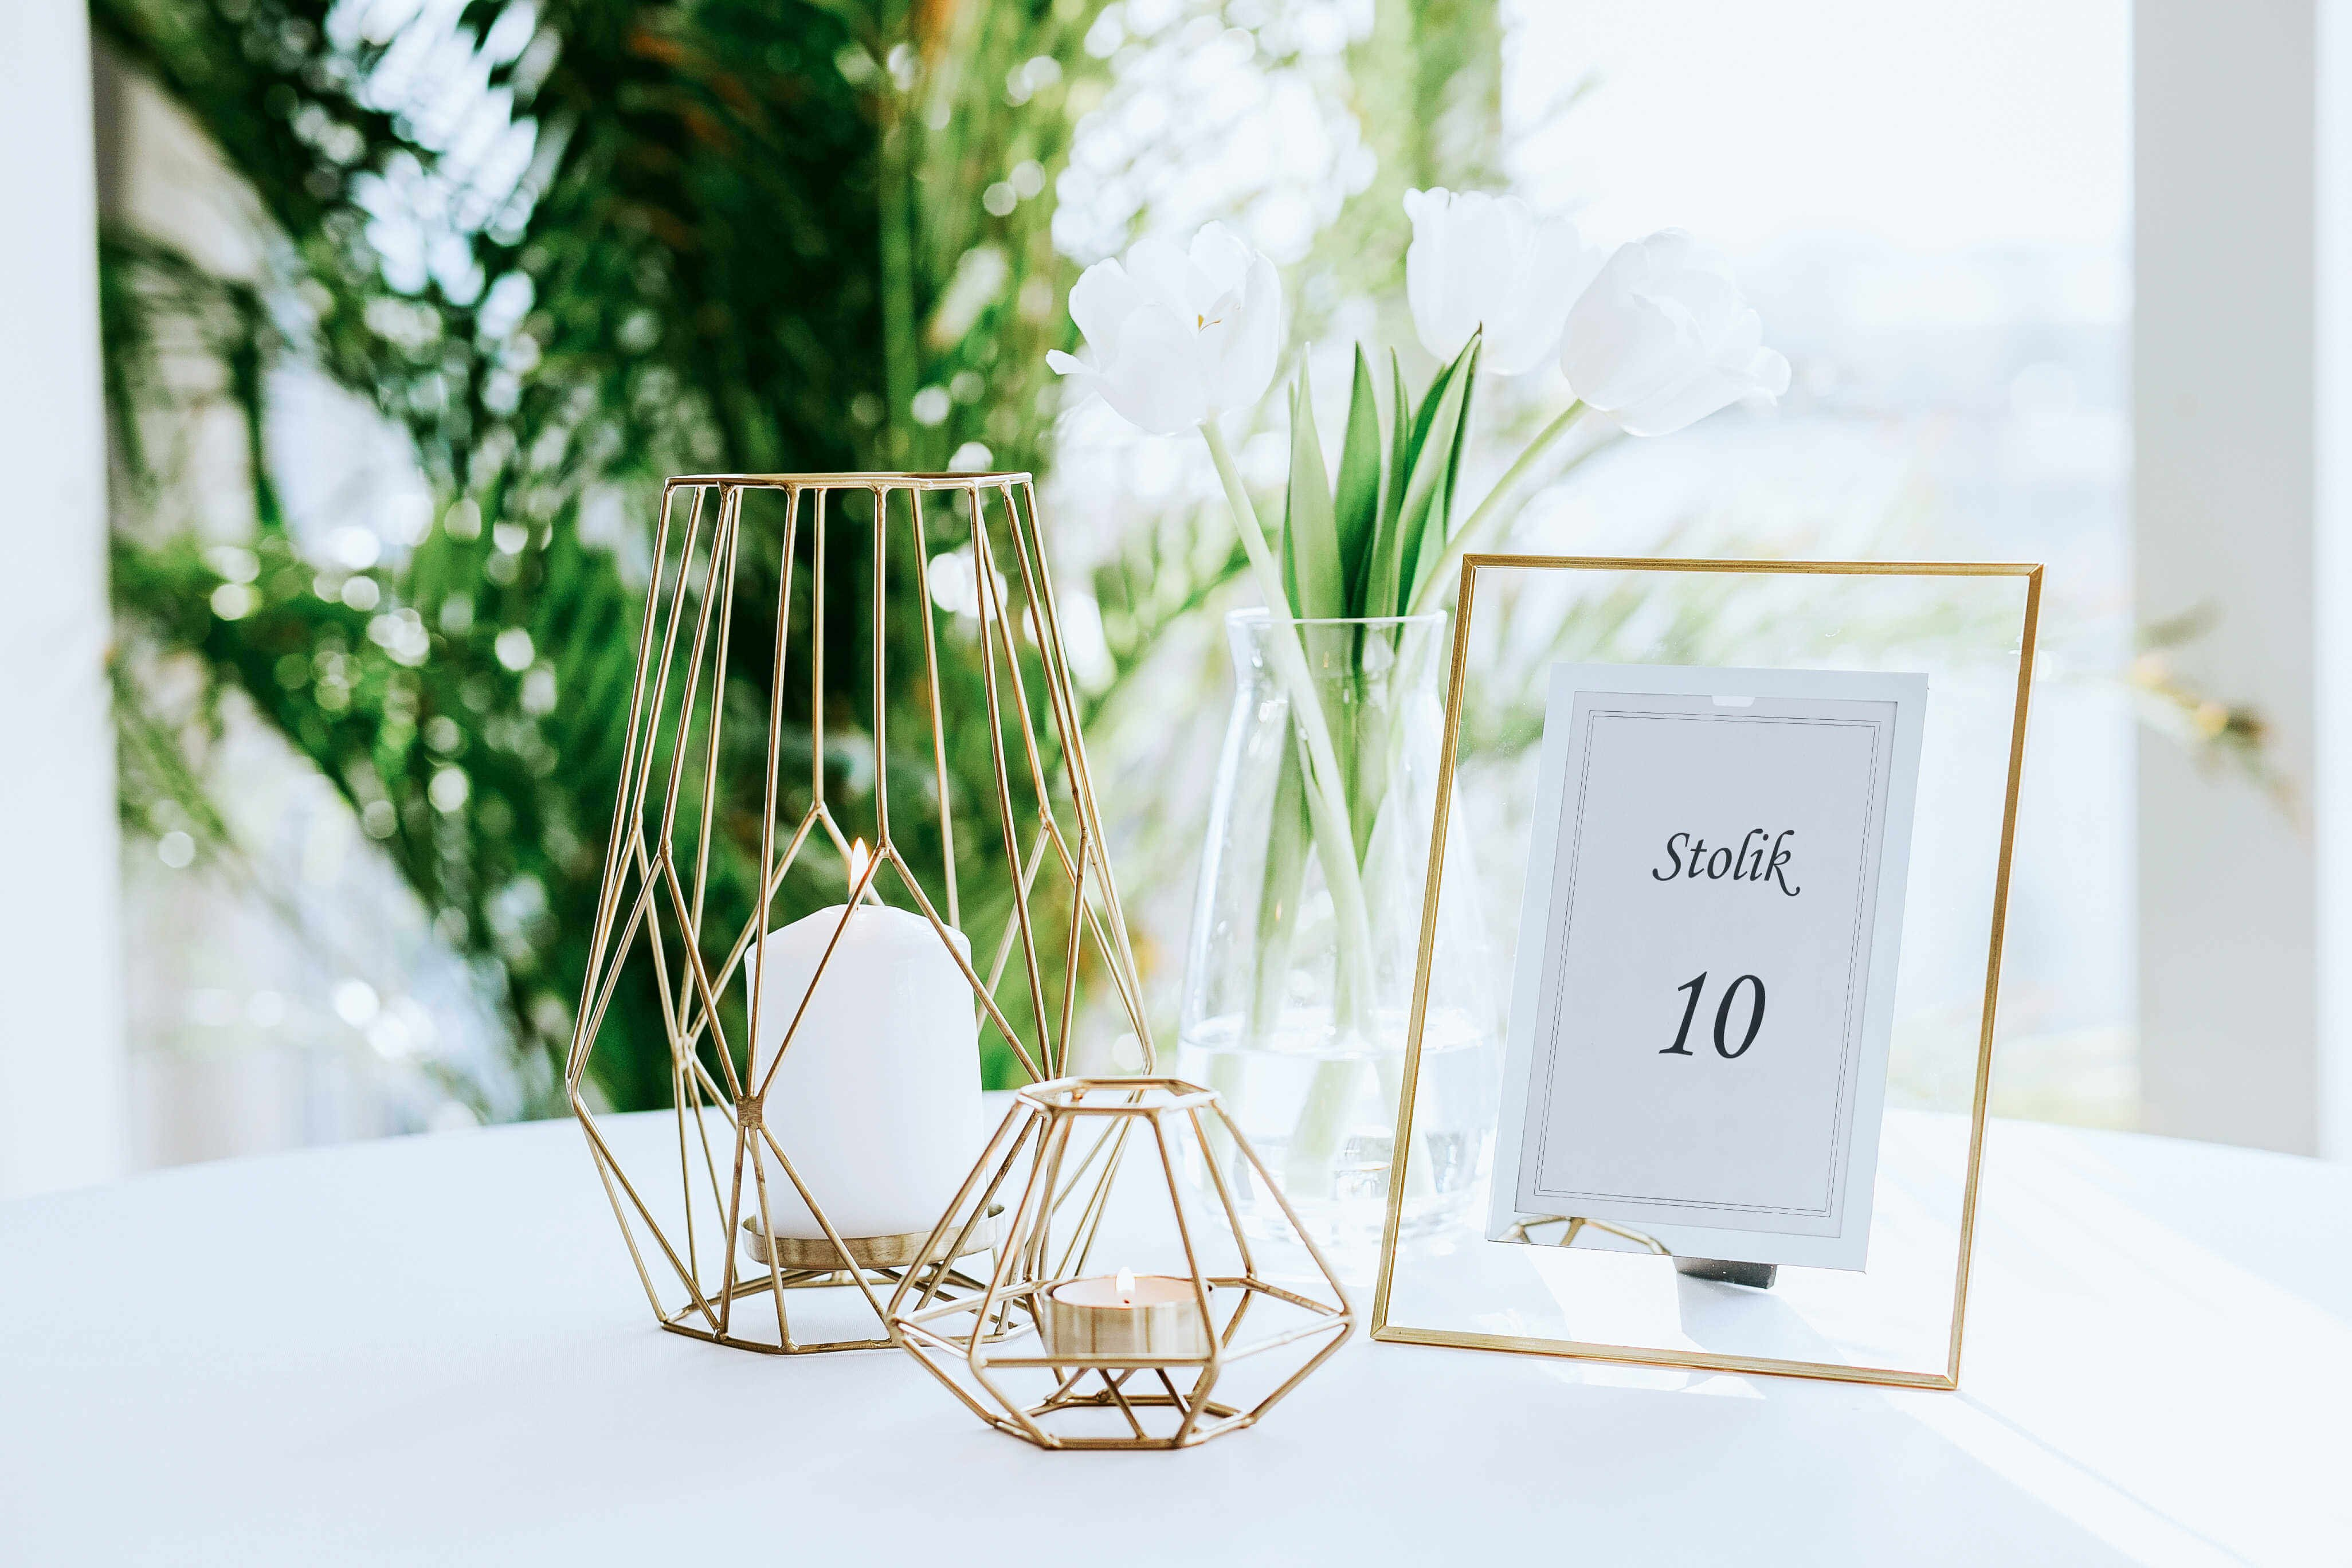 Przykład dekoracji ślubnej złota